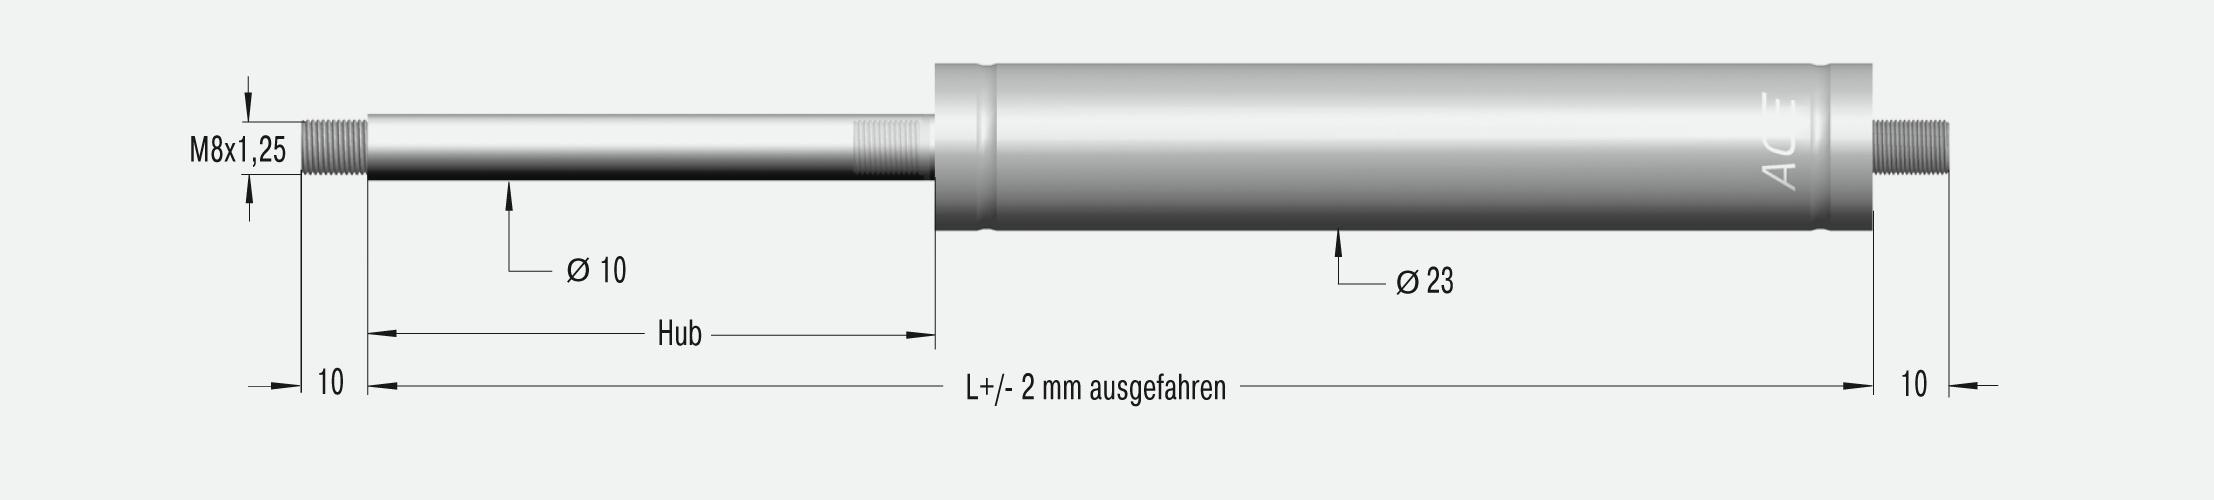 GS-22-700-VA